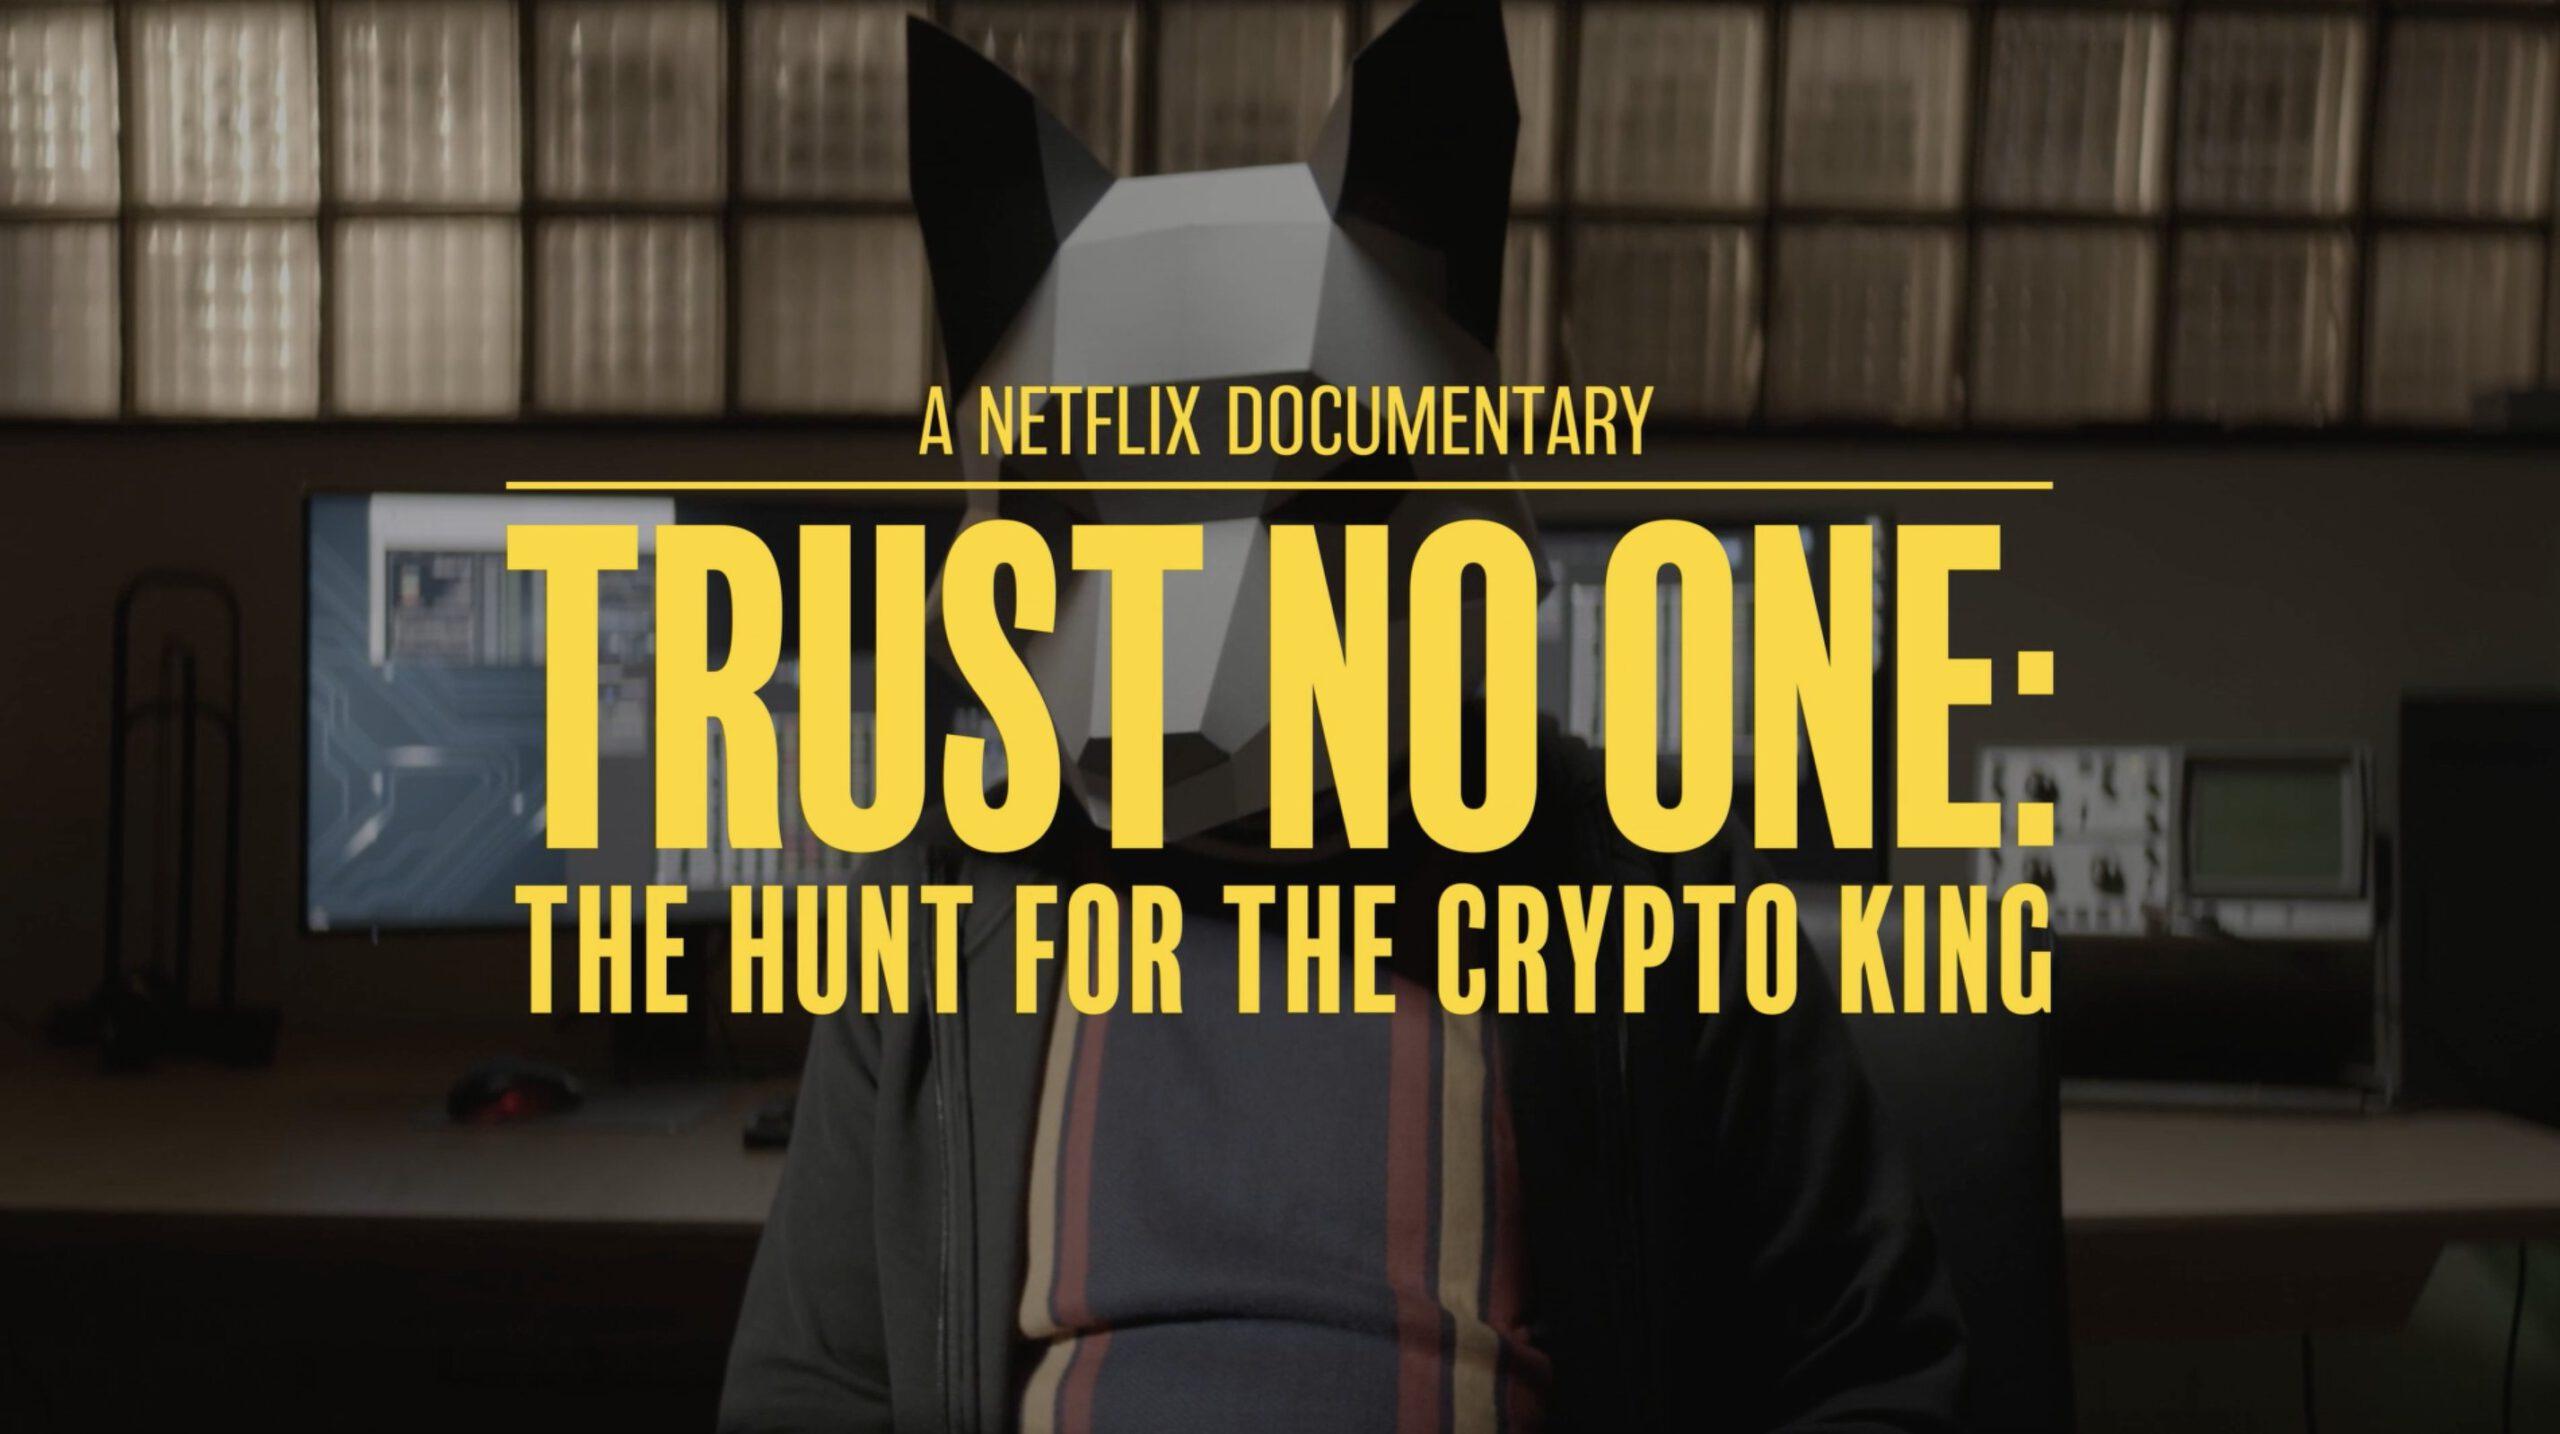 Netflix phát hành phim tài liệu về CEO sàn QuadrigaCX vào năm 2022